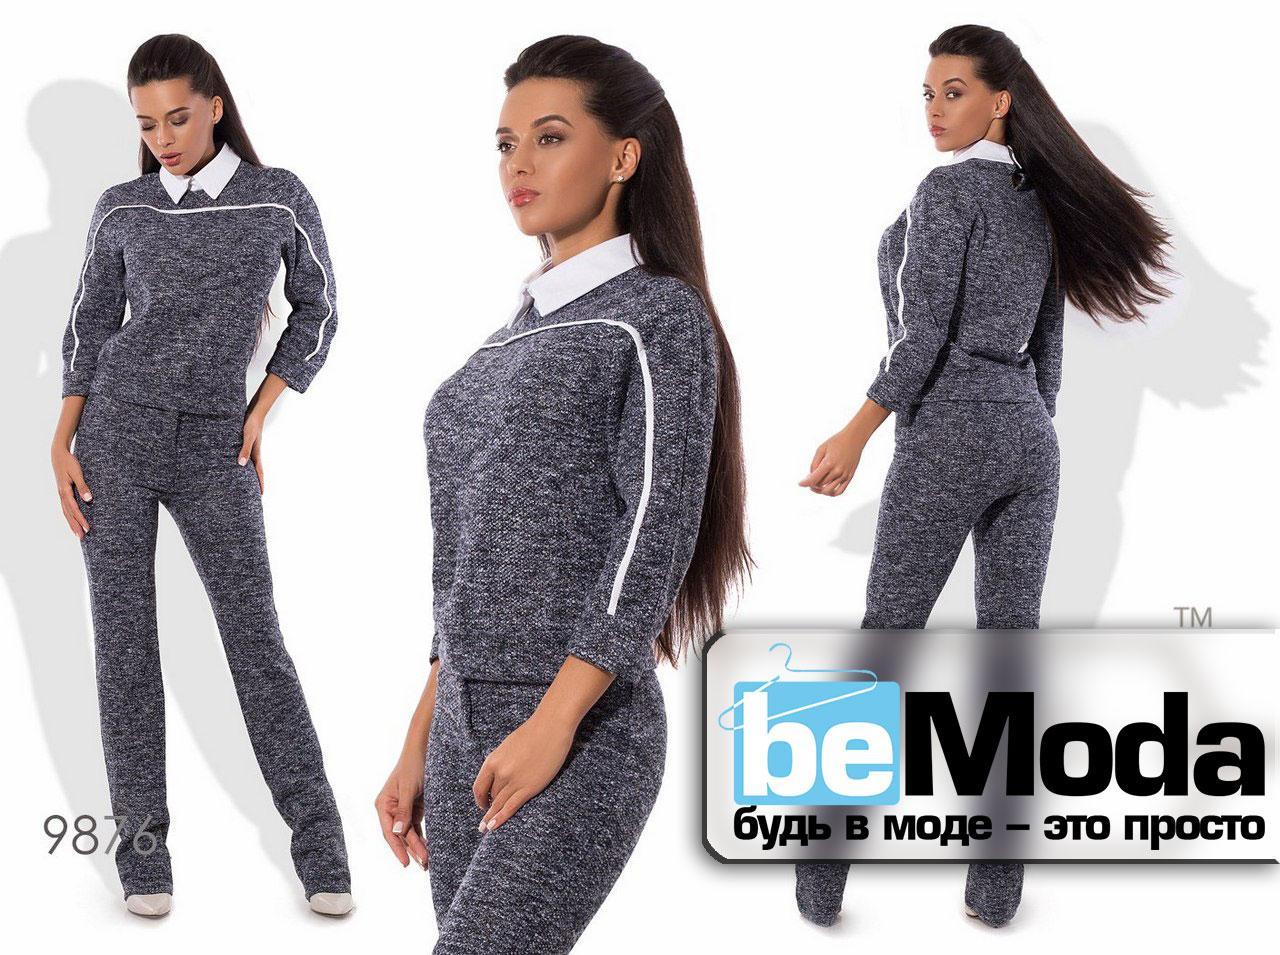 Классический женский костюм из ткани букле темно-серый - Модная одежда, обувь и аксессуары интернет-магазин BeModa.com.ua в Белой Церкви